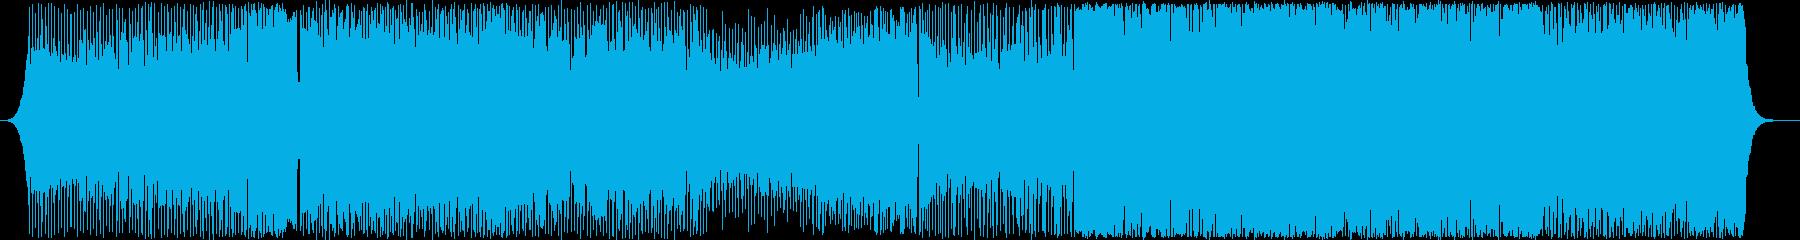 PV-競技シーン-エレクトロダンス-未来の再生済みの波形